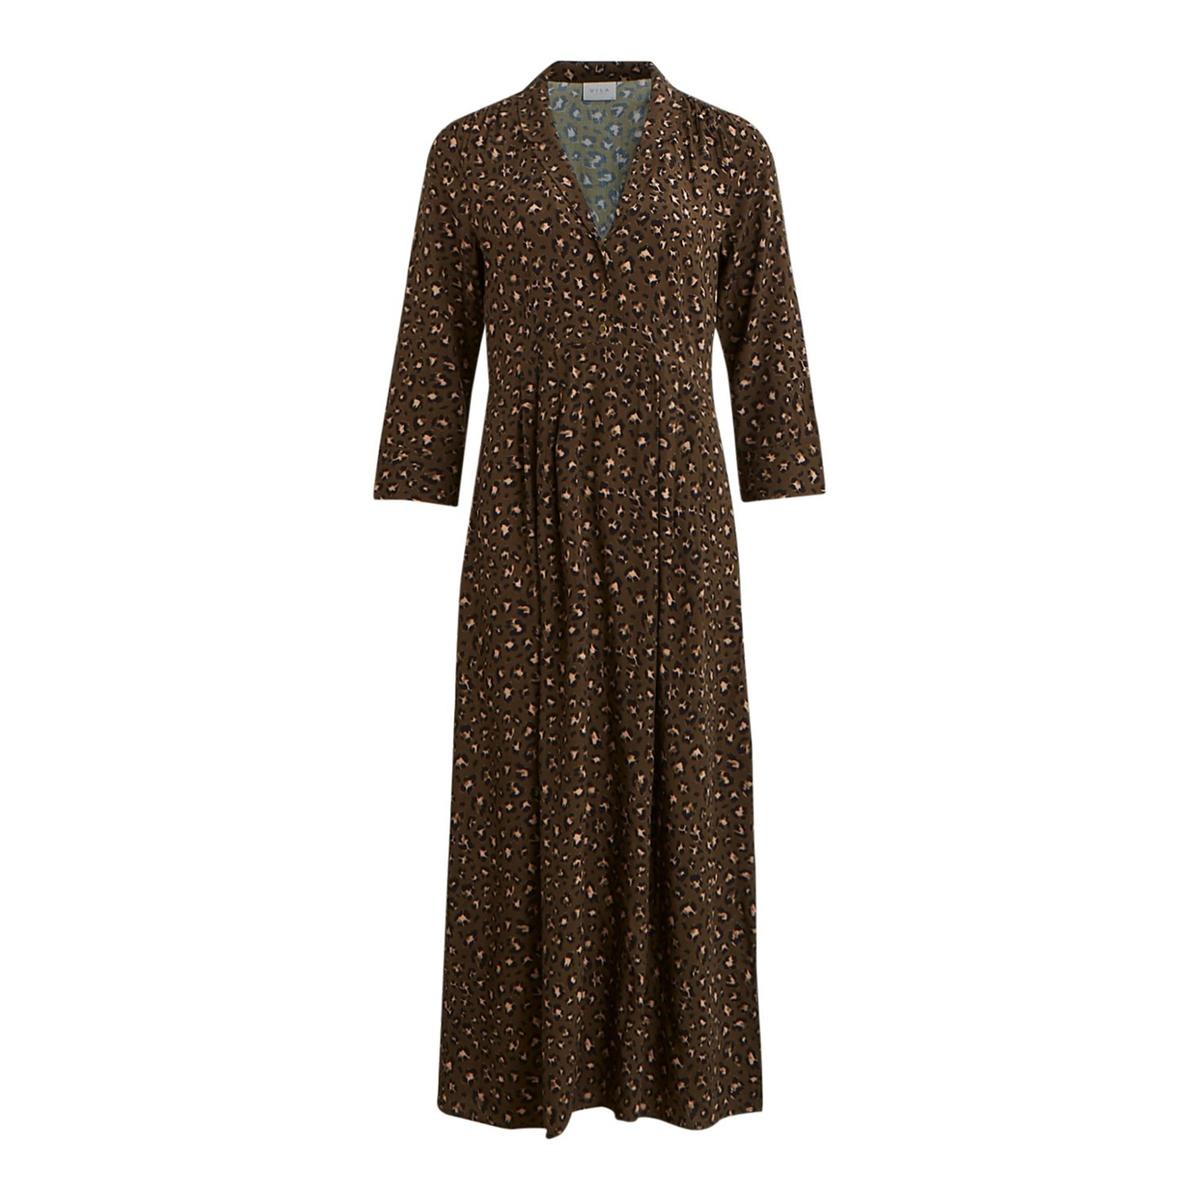 Платье La Redoute Длинное с леопардовым принтом 34 (FR) - 40 (RUS) зеленый куртка la redoute легкая укороченная с леопардовым принтом 34 fr 40 rus другие